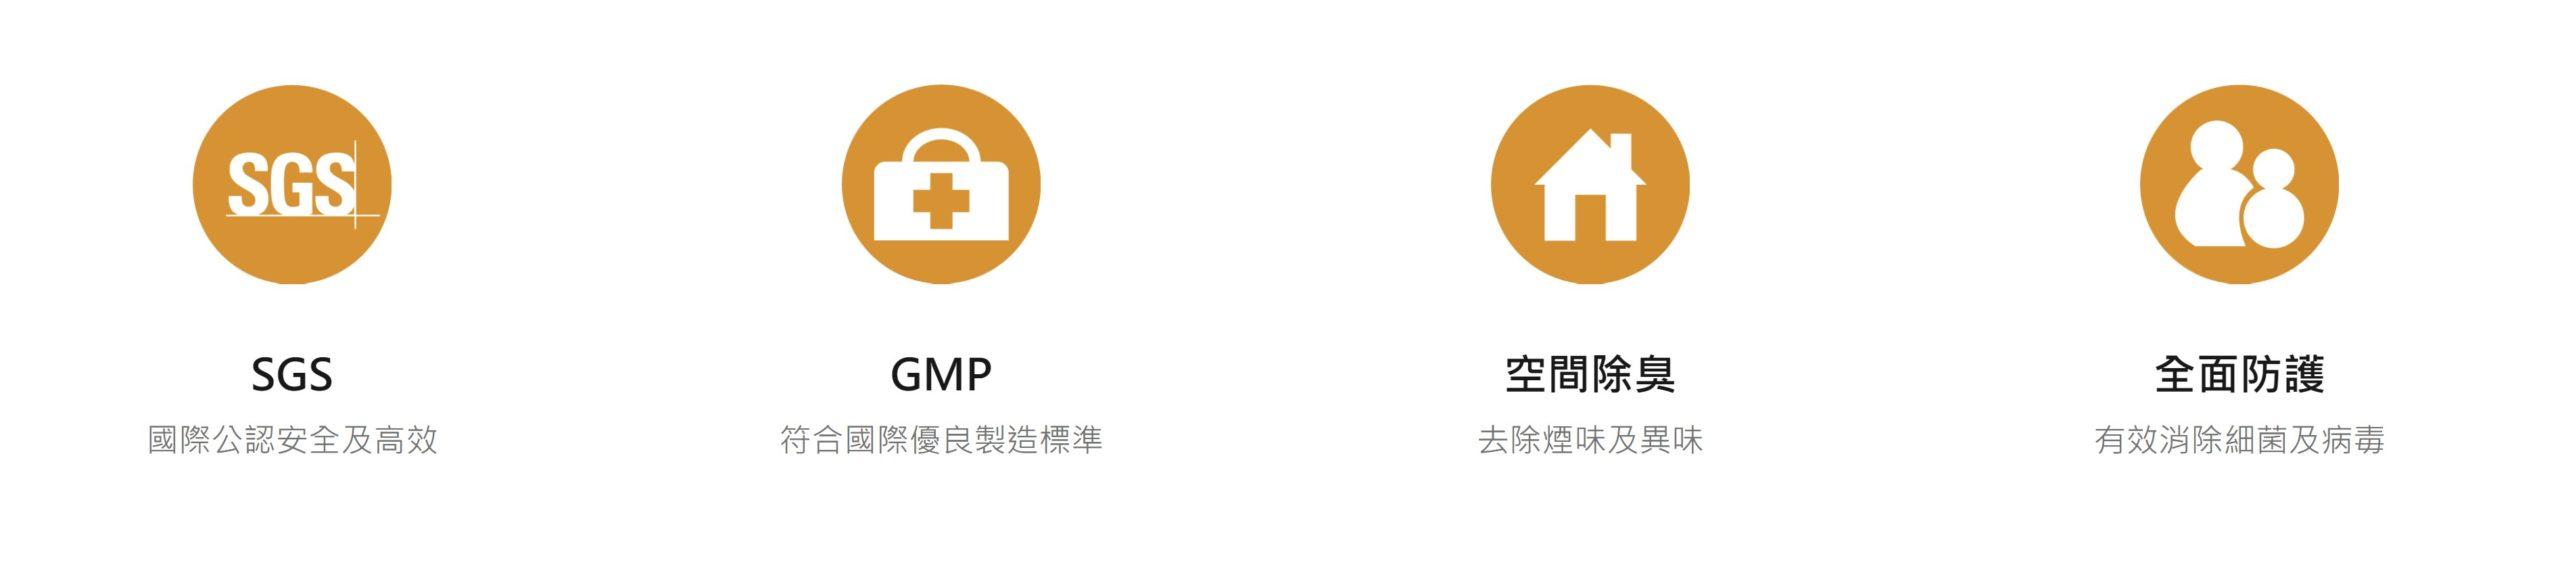 four-icon